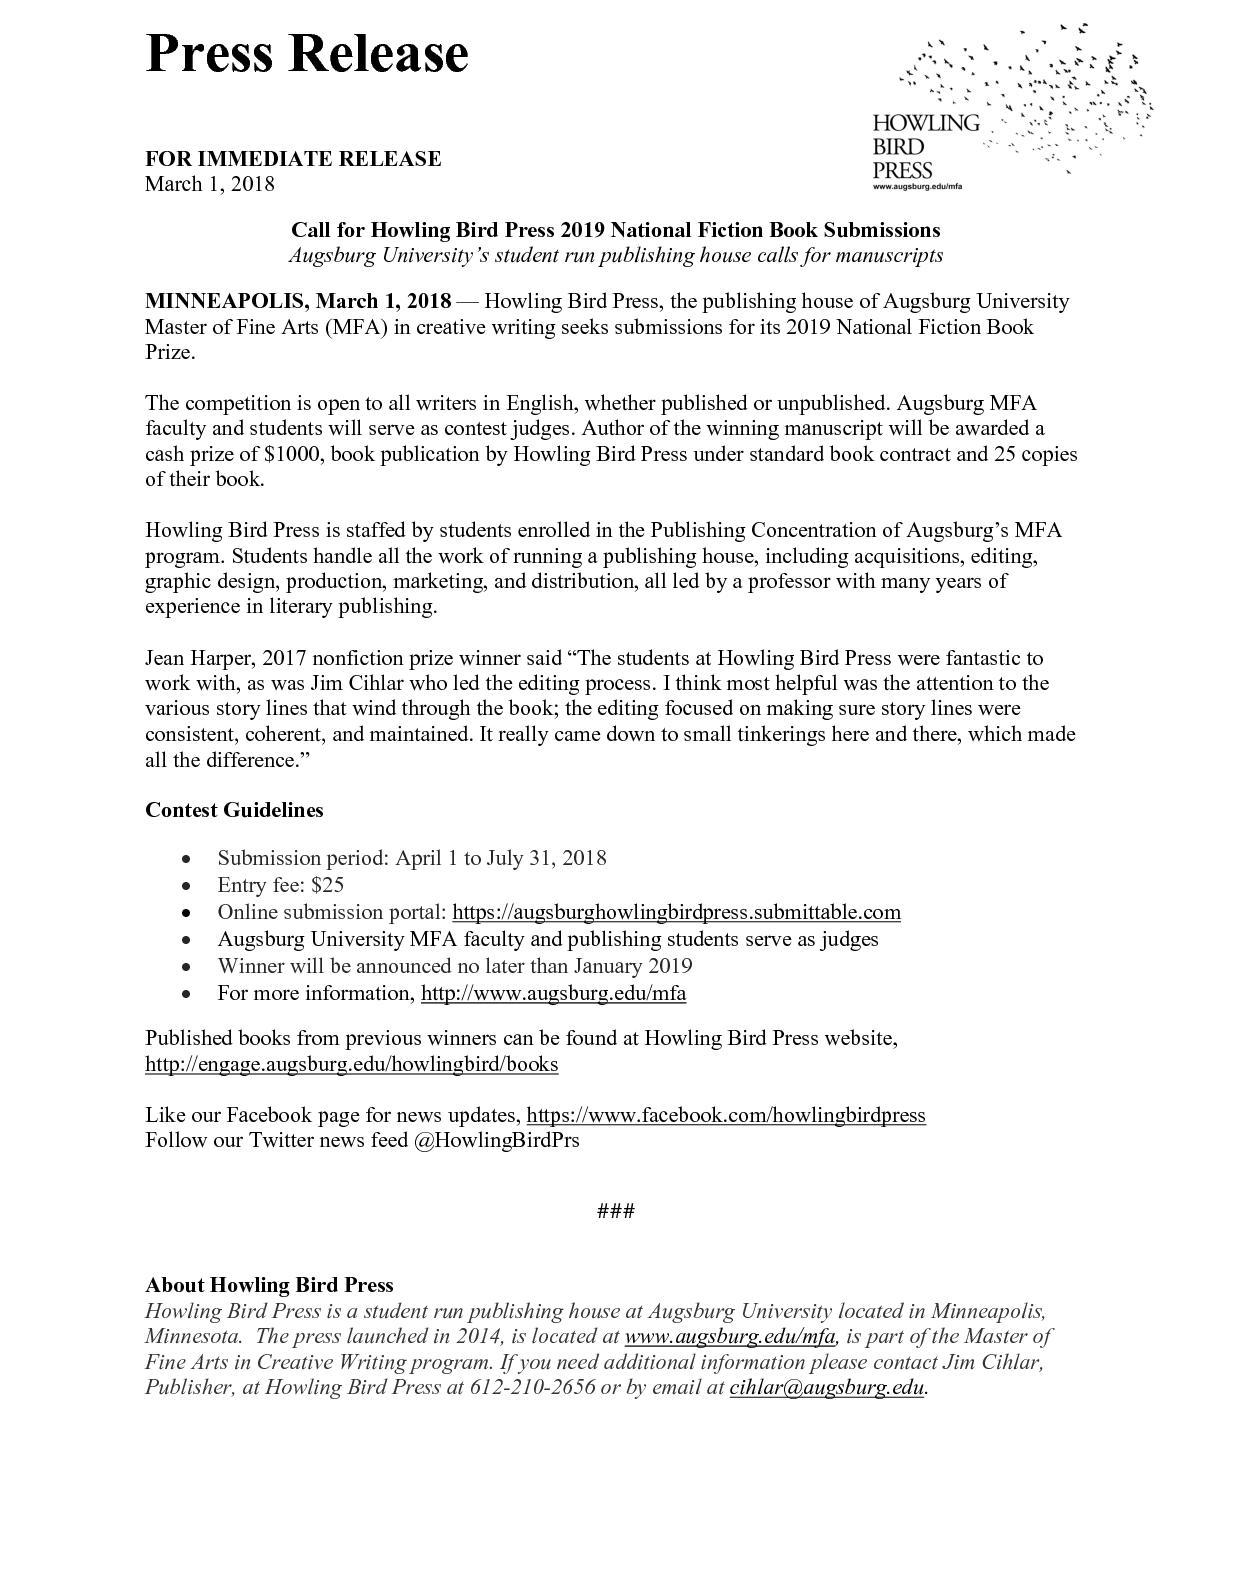 Calaméo - Howling Bird Press Fiction Press Release